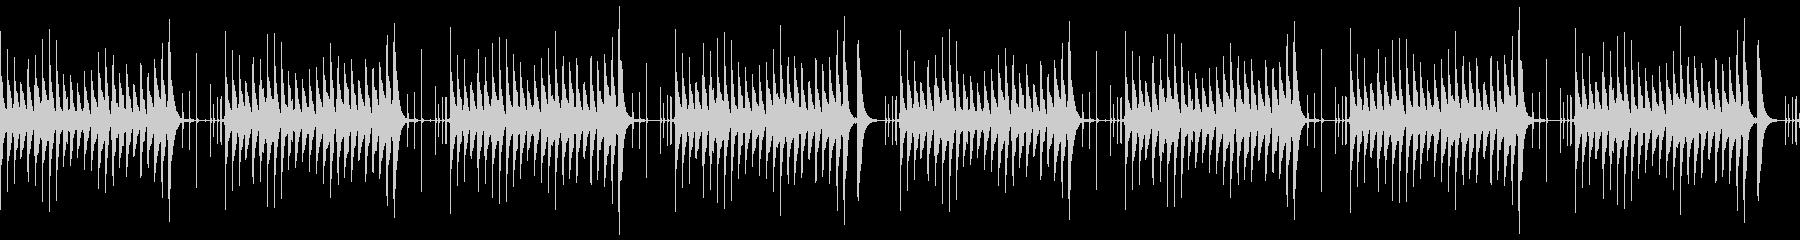 木琴とタブラの明るいループの未再生の波形